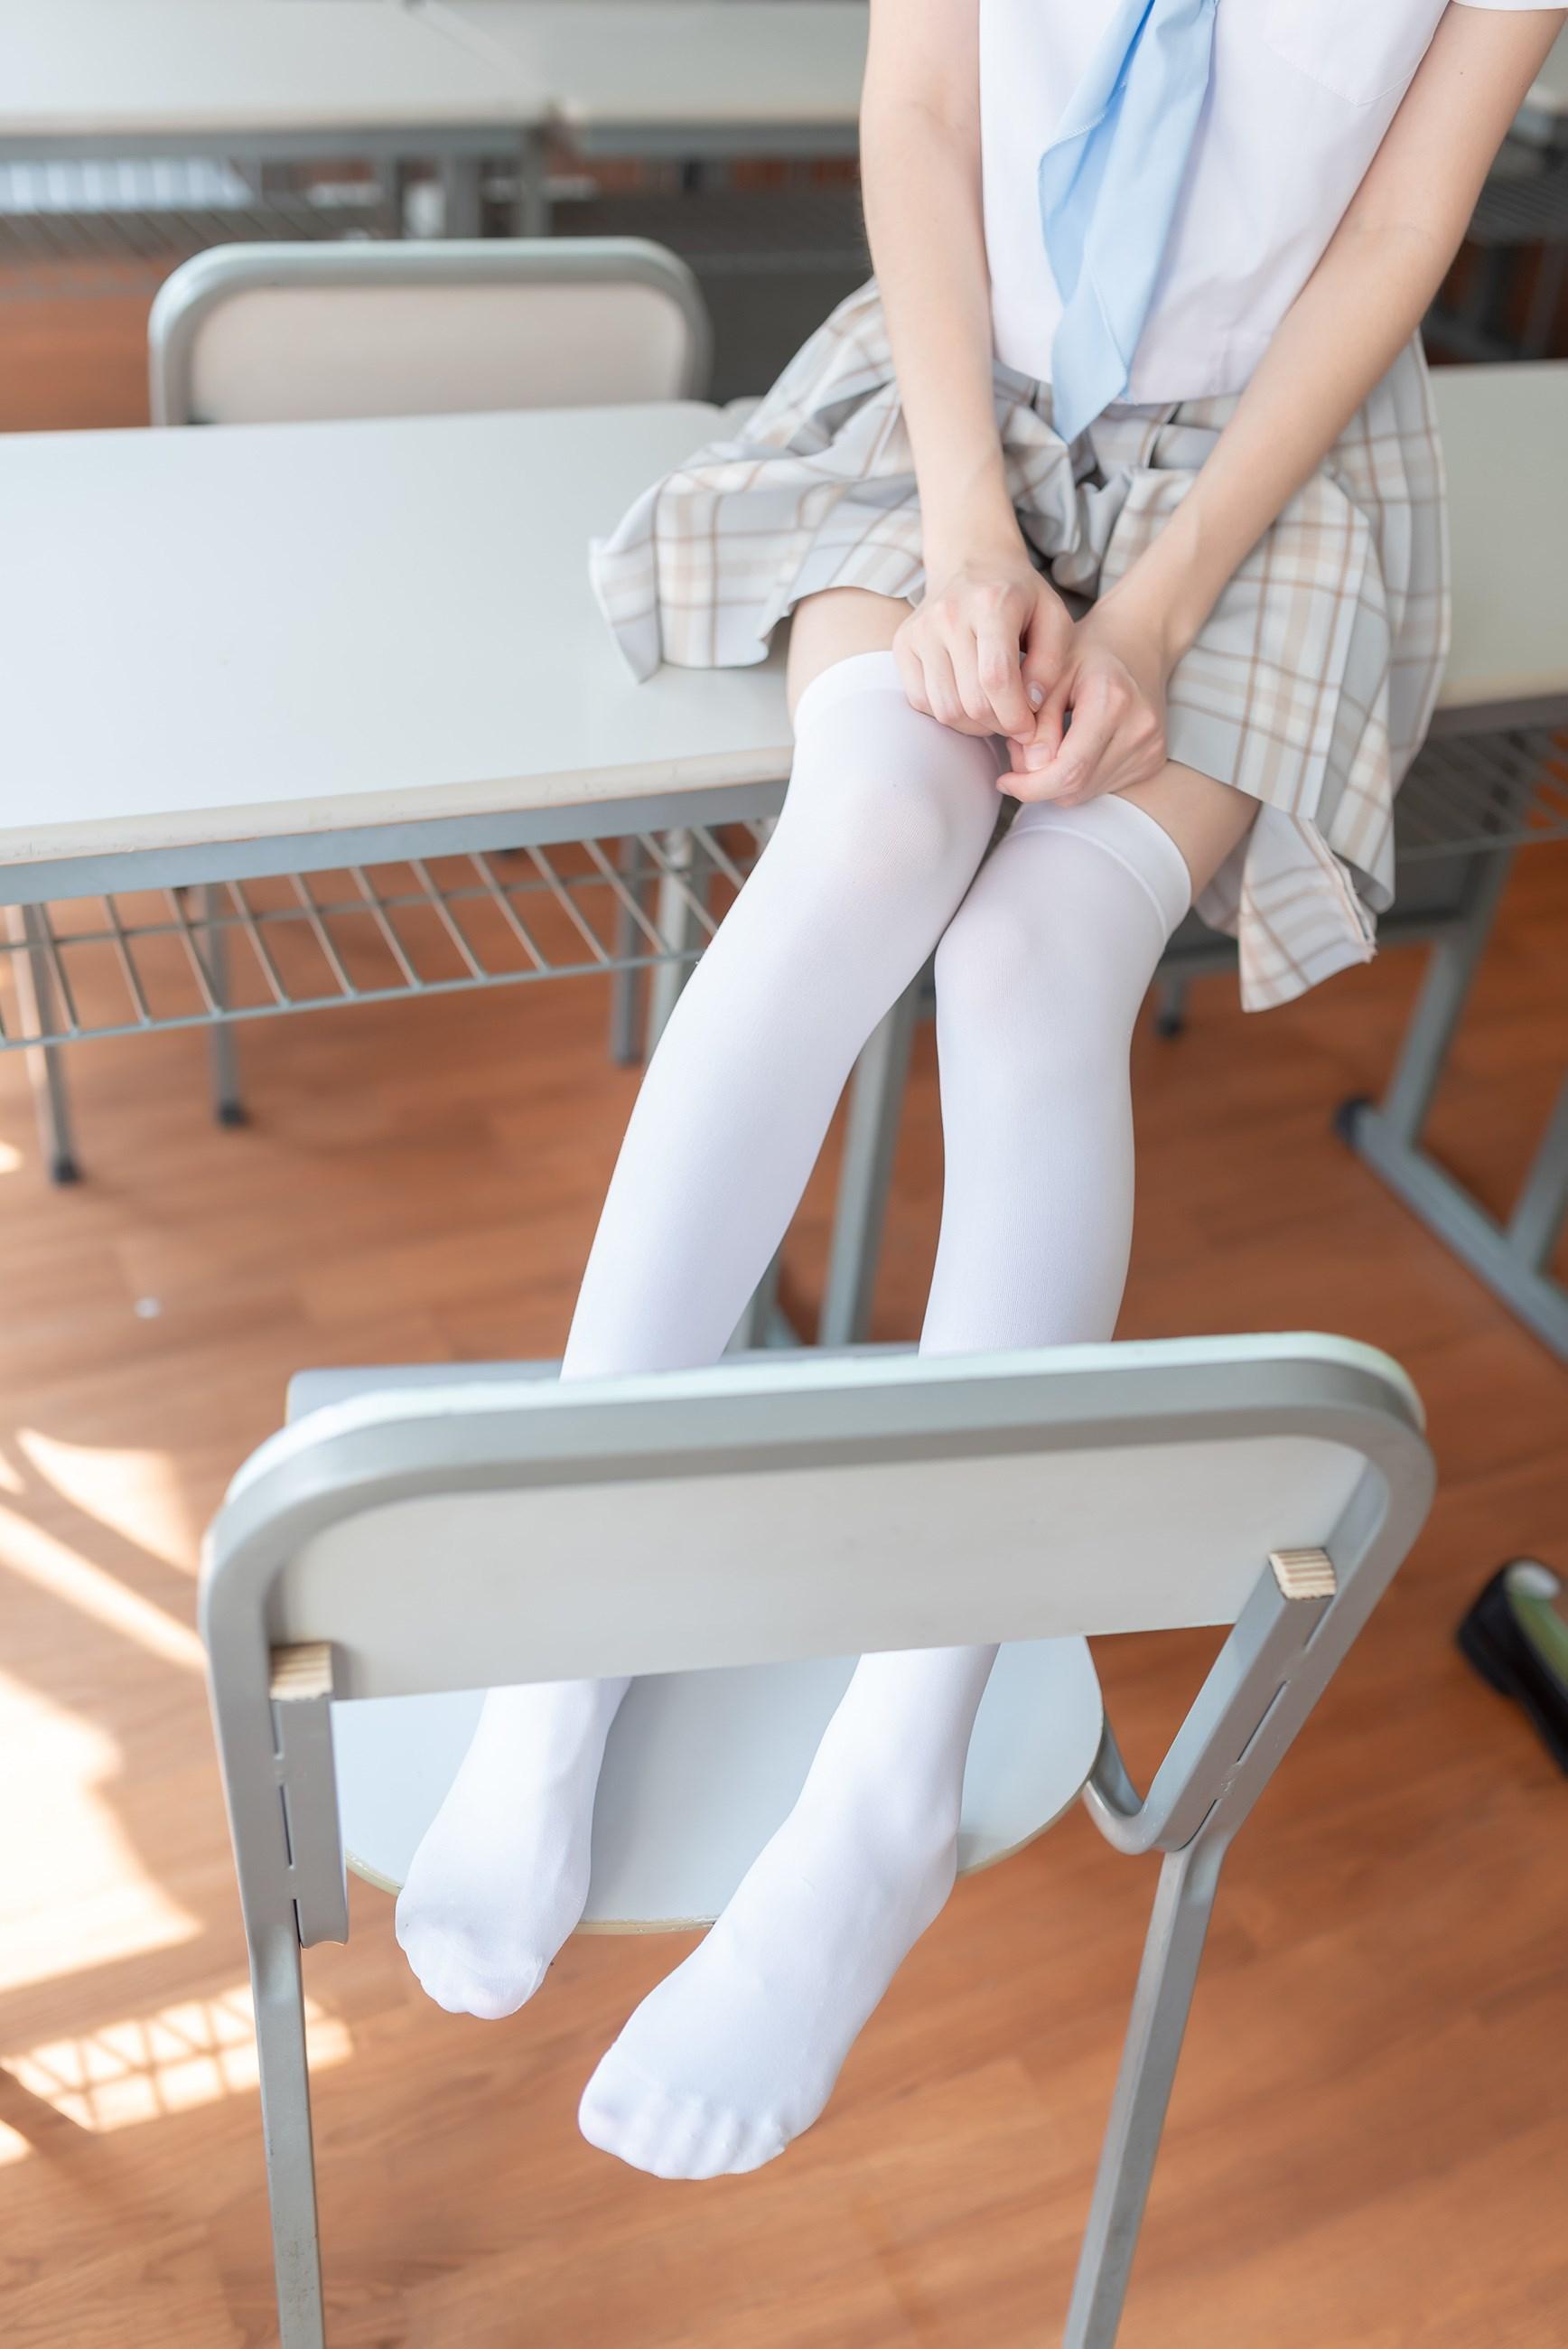 【兔玩映画】不要躺在课桌上 兔玩映画 第26张